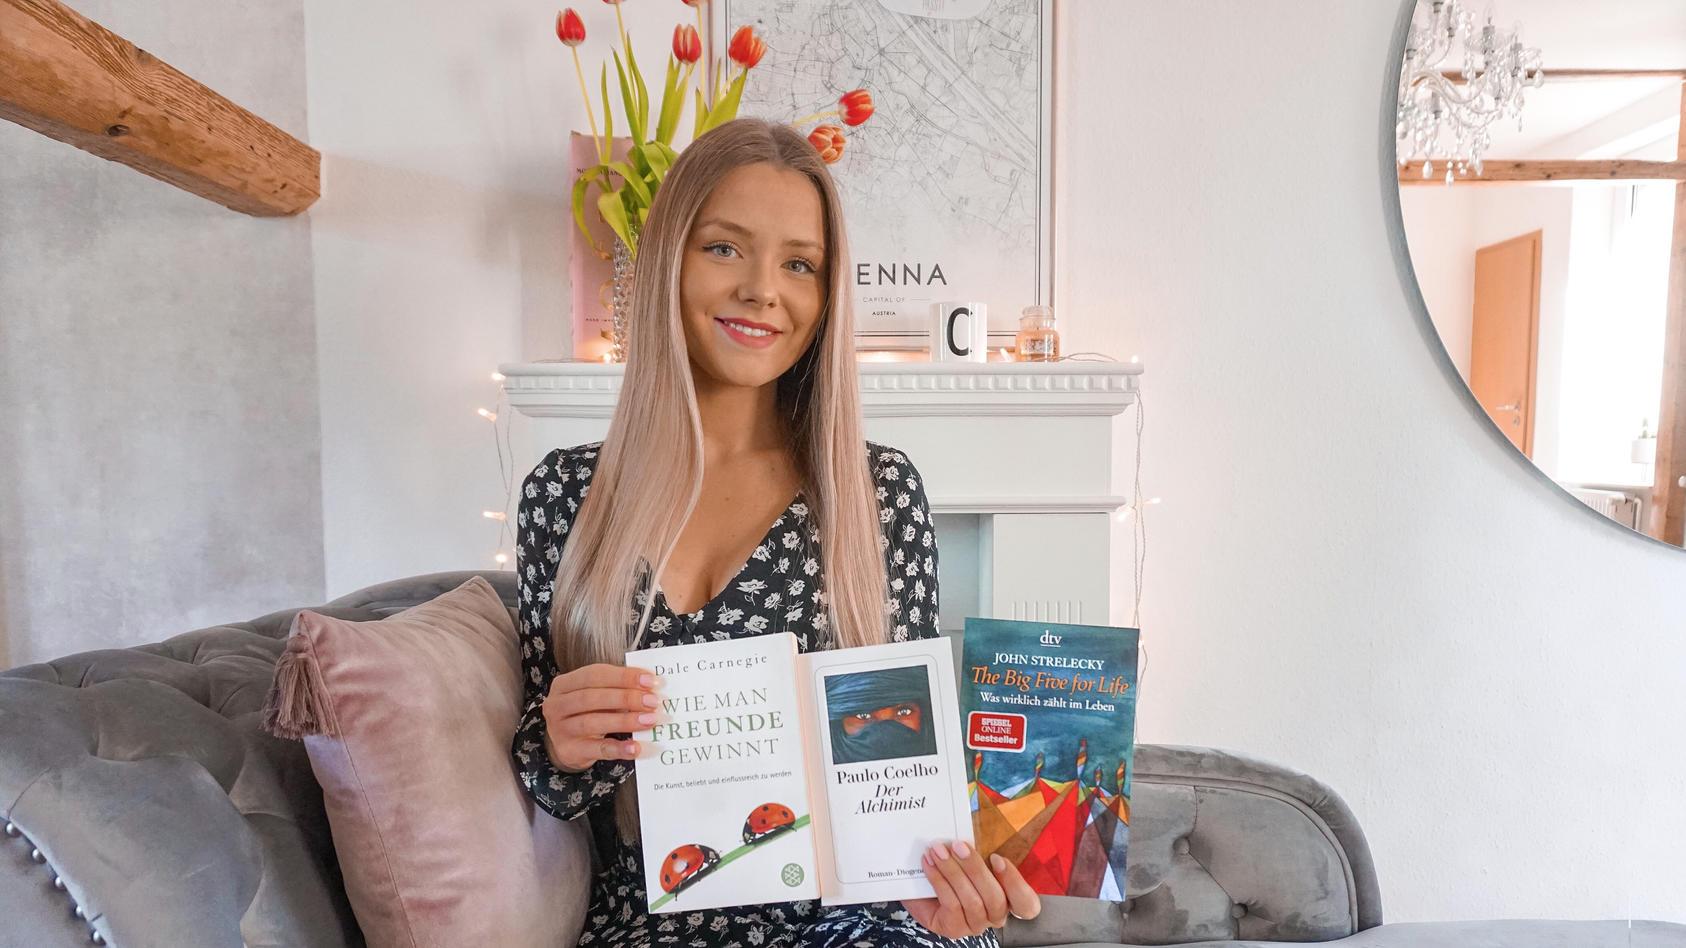 """Celine Nadolny stellt auf ihrem Instagram-Kanal """"BookofFinance"""" regelmäßig Finanz-Bücher vor"""